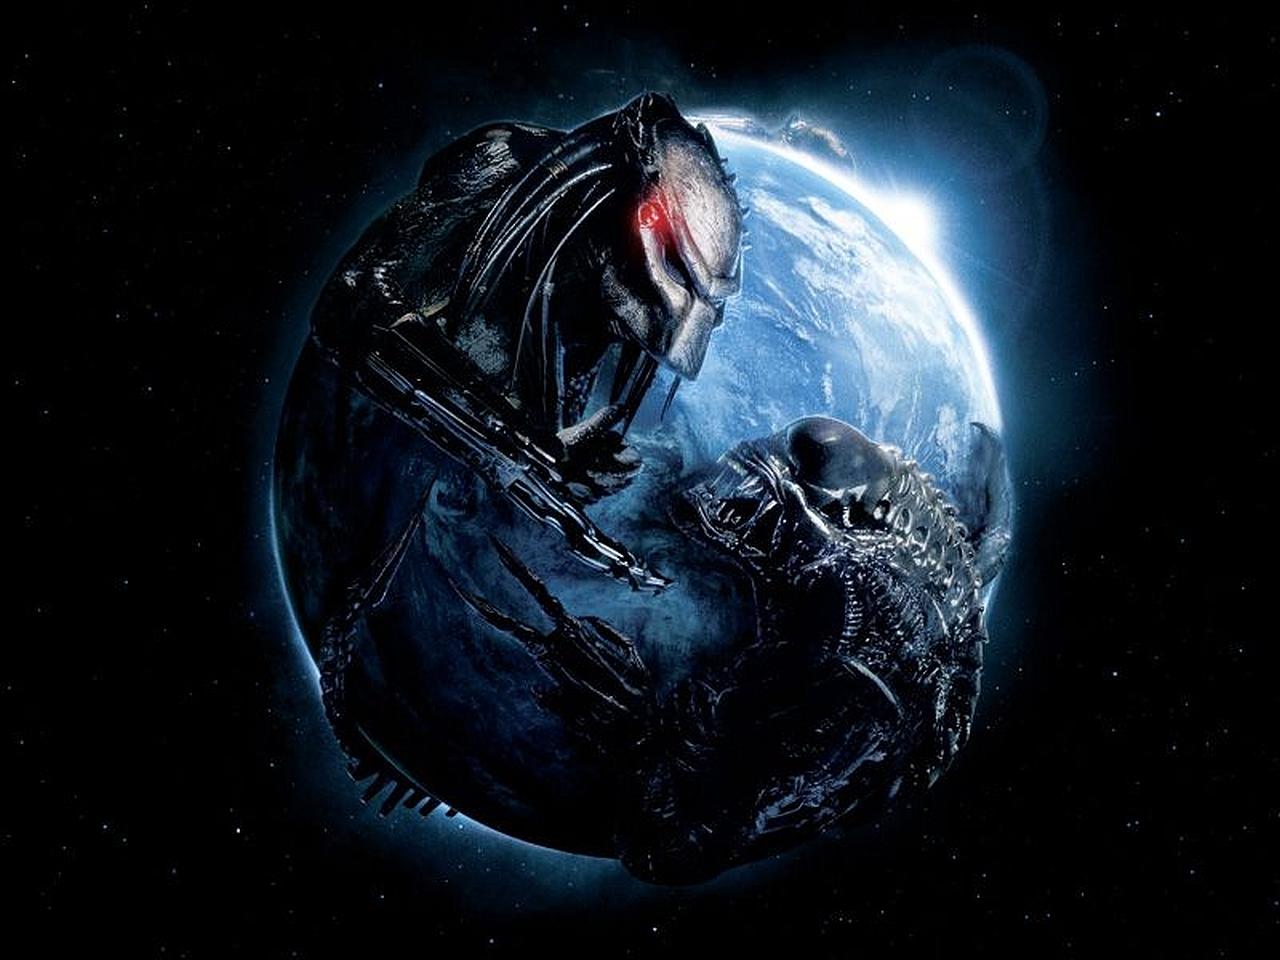 Alien Vs Predator Wide HD wallpapers   Alien Vs Predator Wide 1280x960